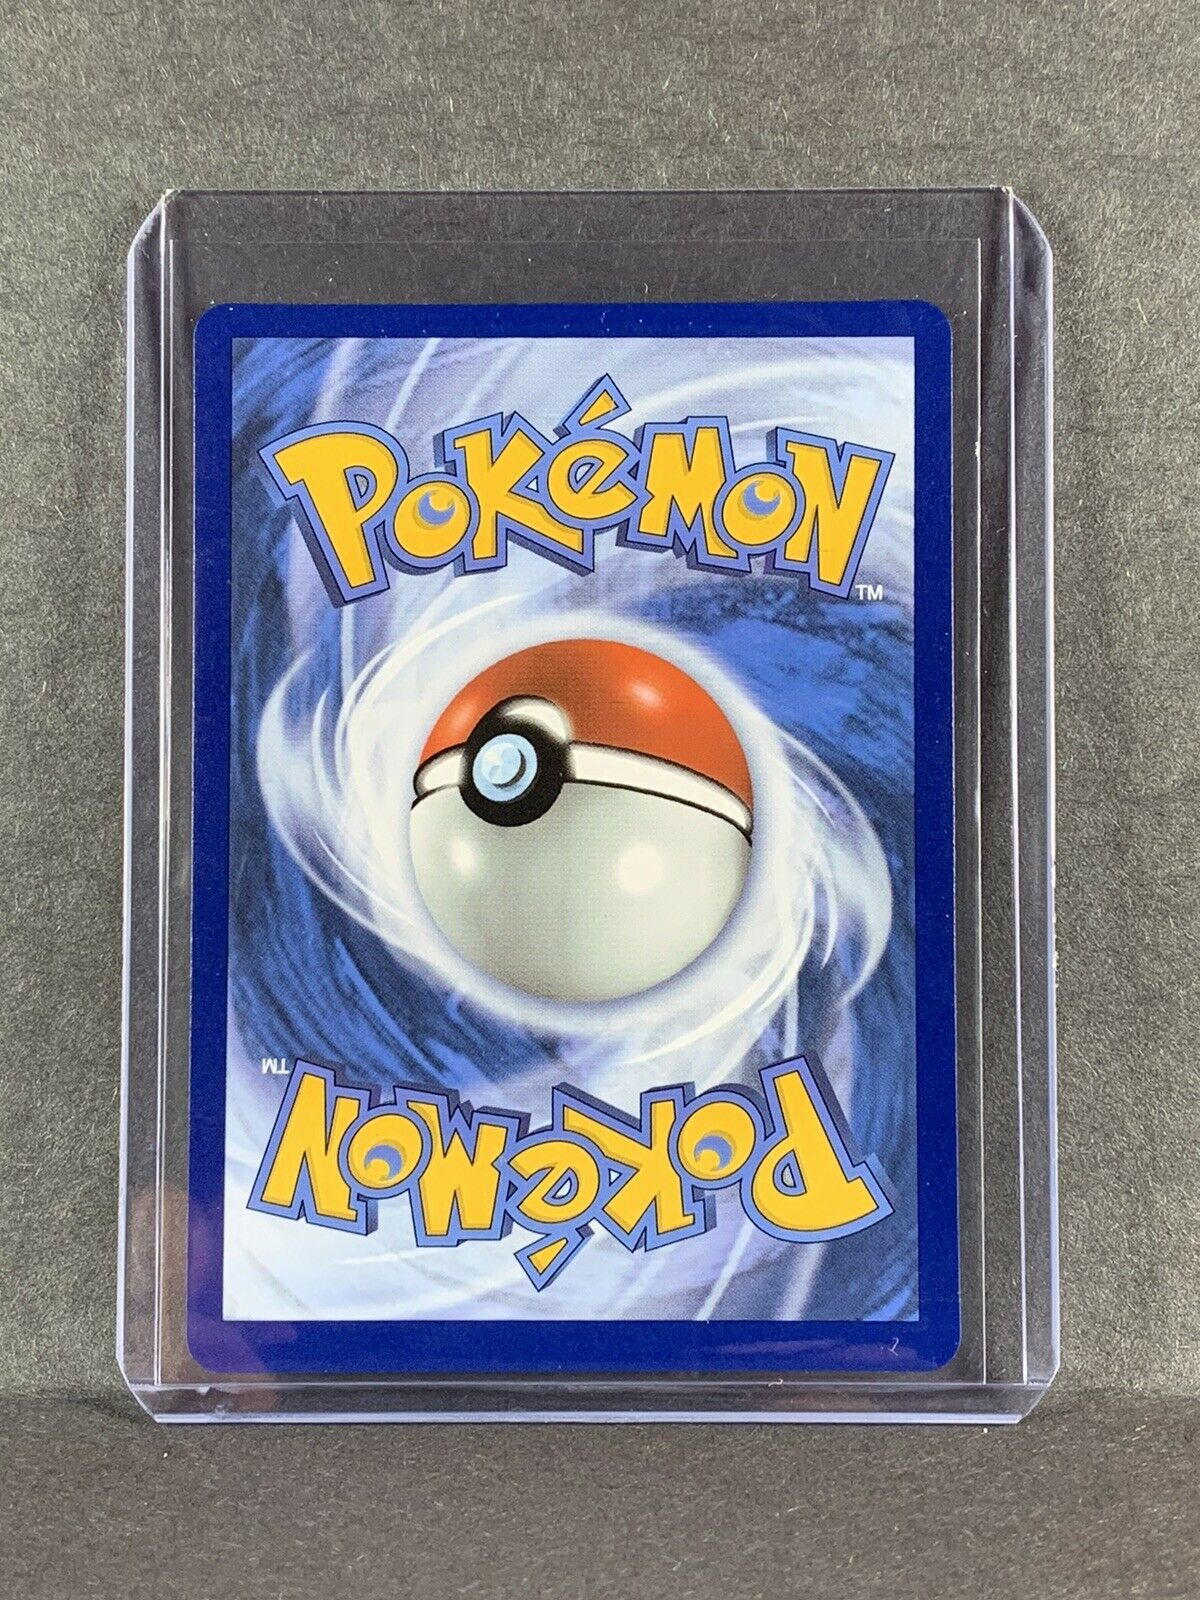 Pokemon Chilling Reign - Full Art Ultra Rare - Blissey V 119/198 NM/M - Image 2